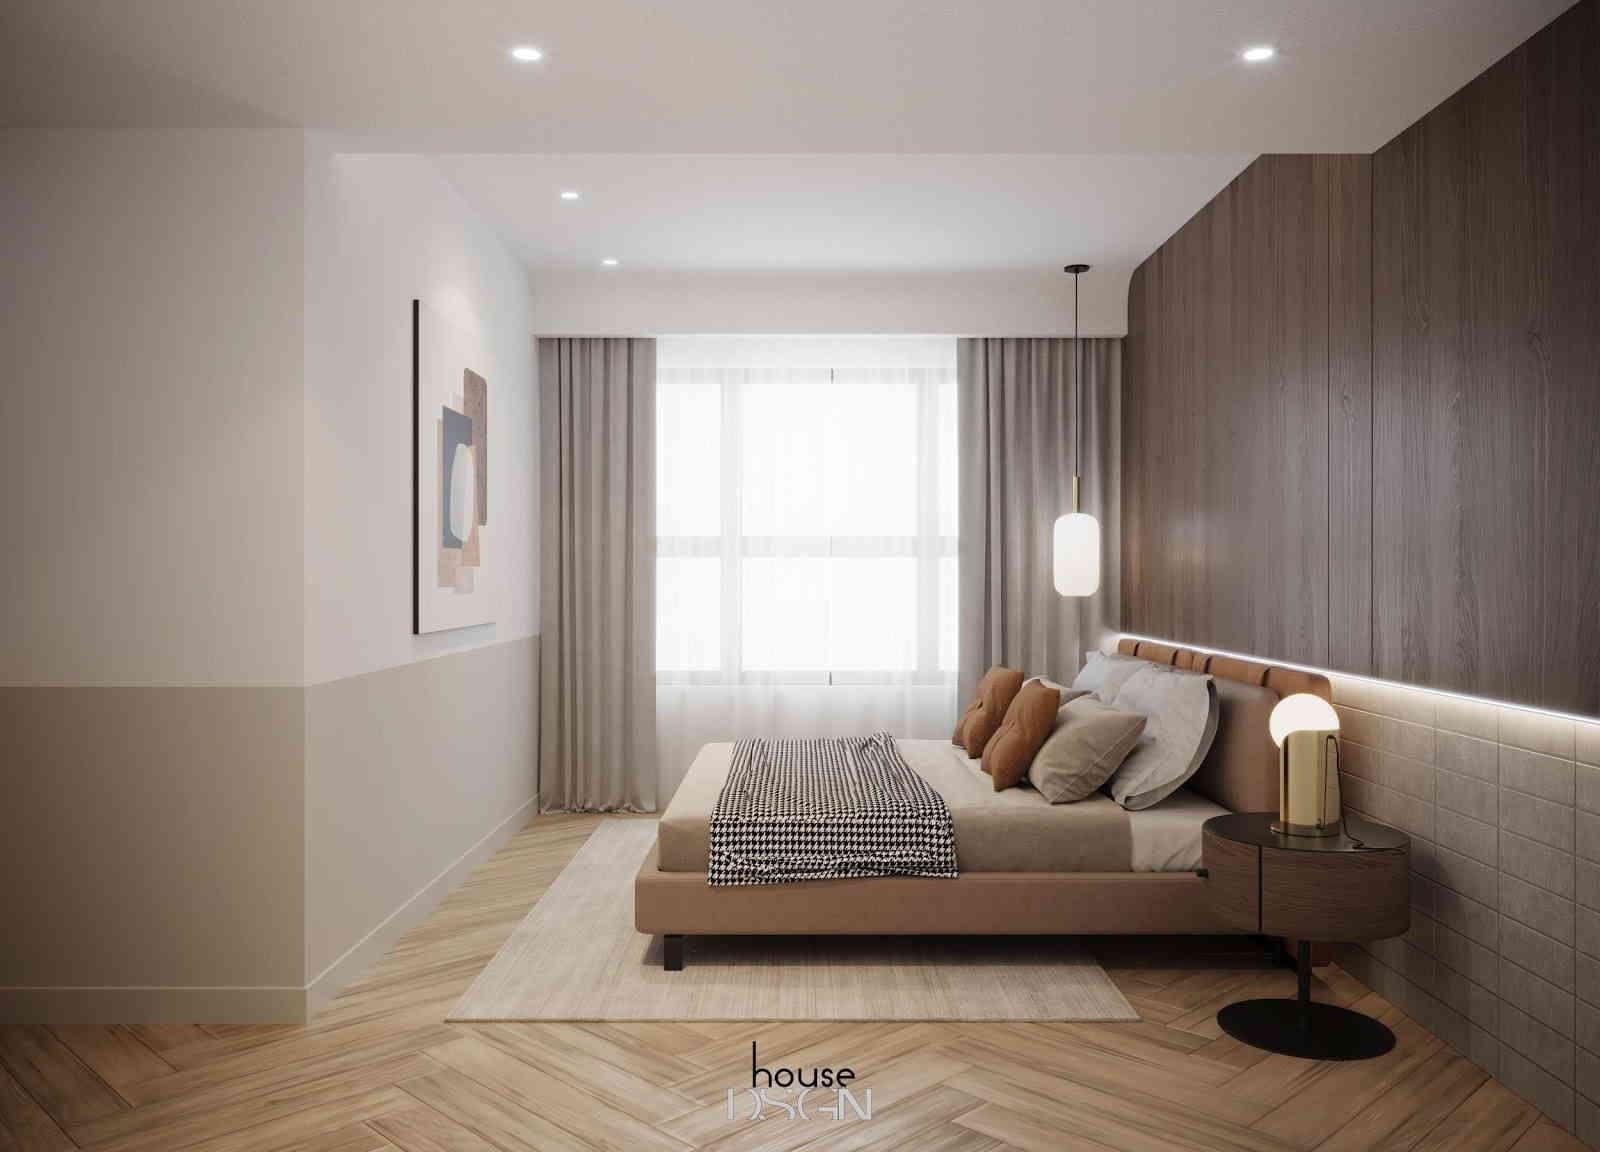 nội thất phòng ngủ với thiết kế sáng màu